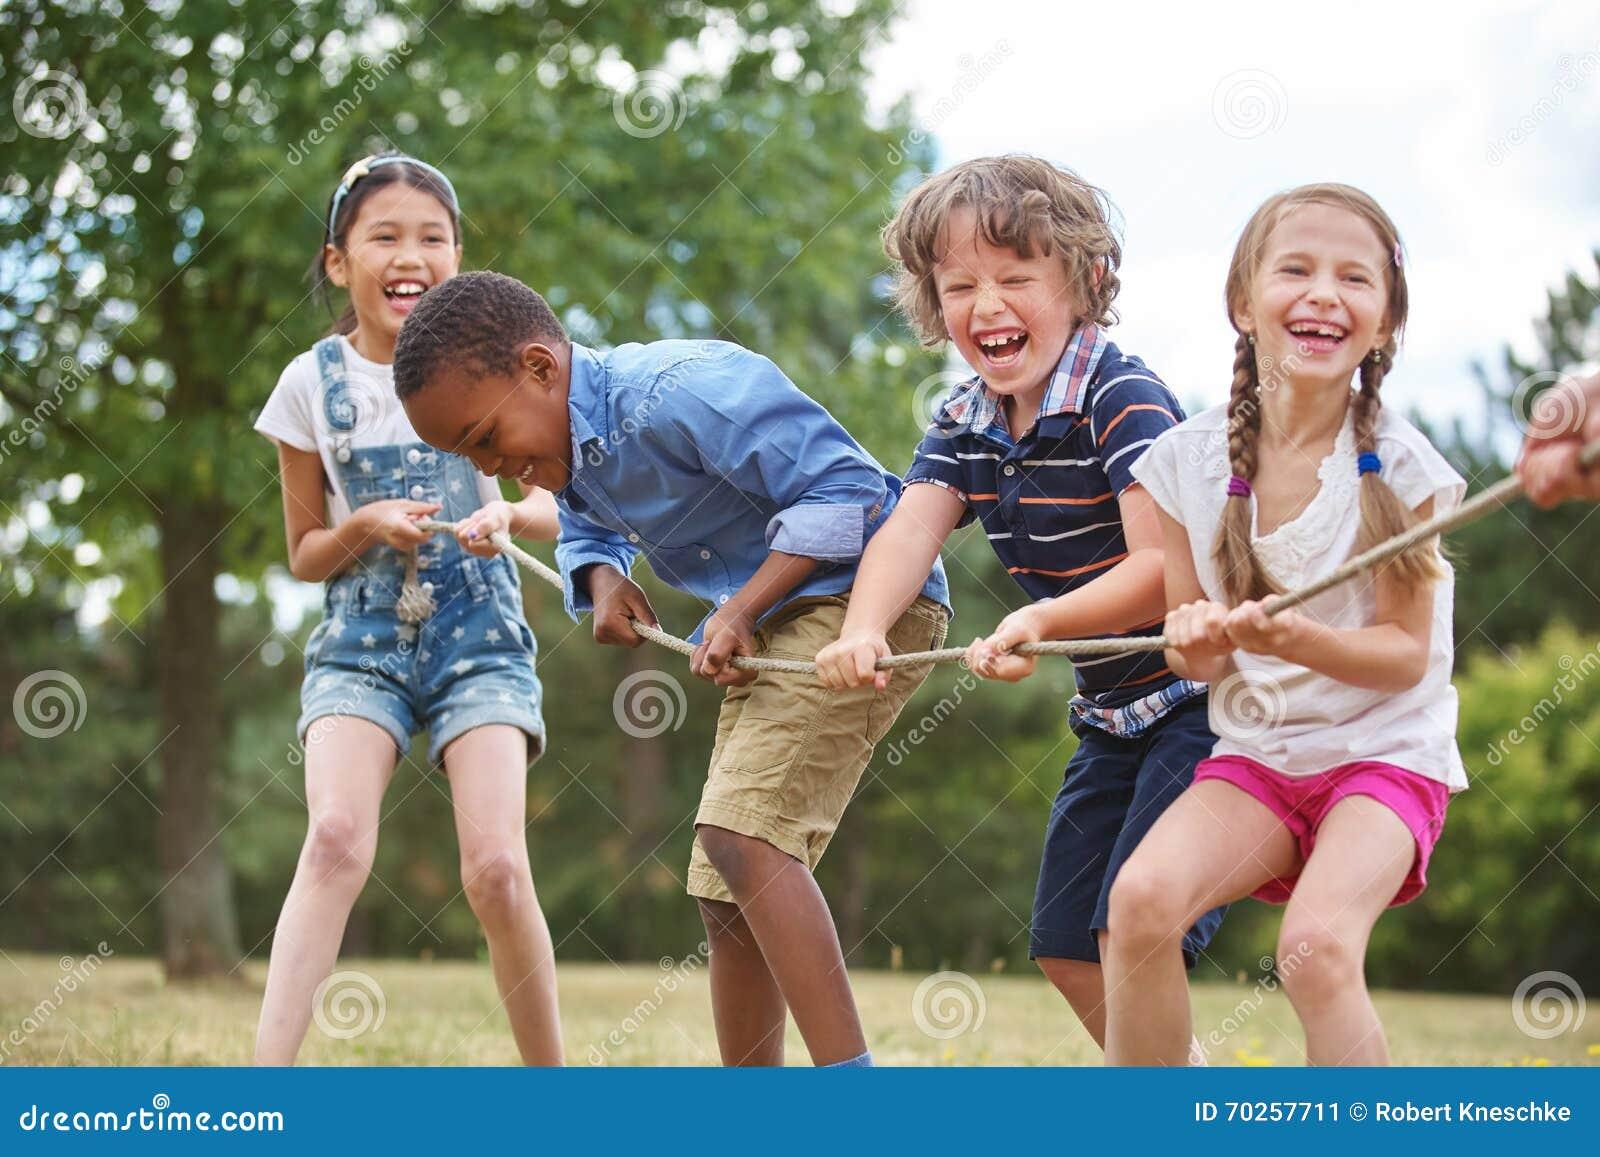 Дети играя перетягивание каната